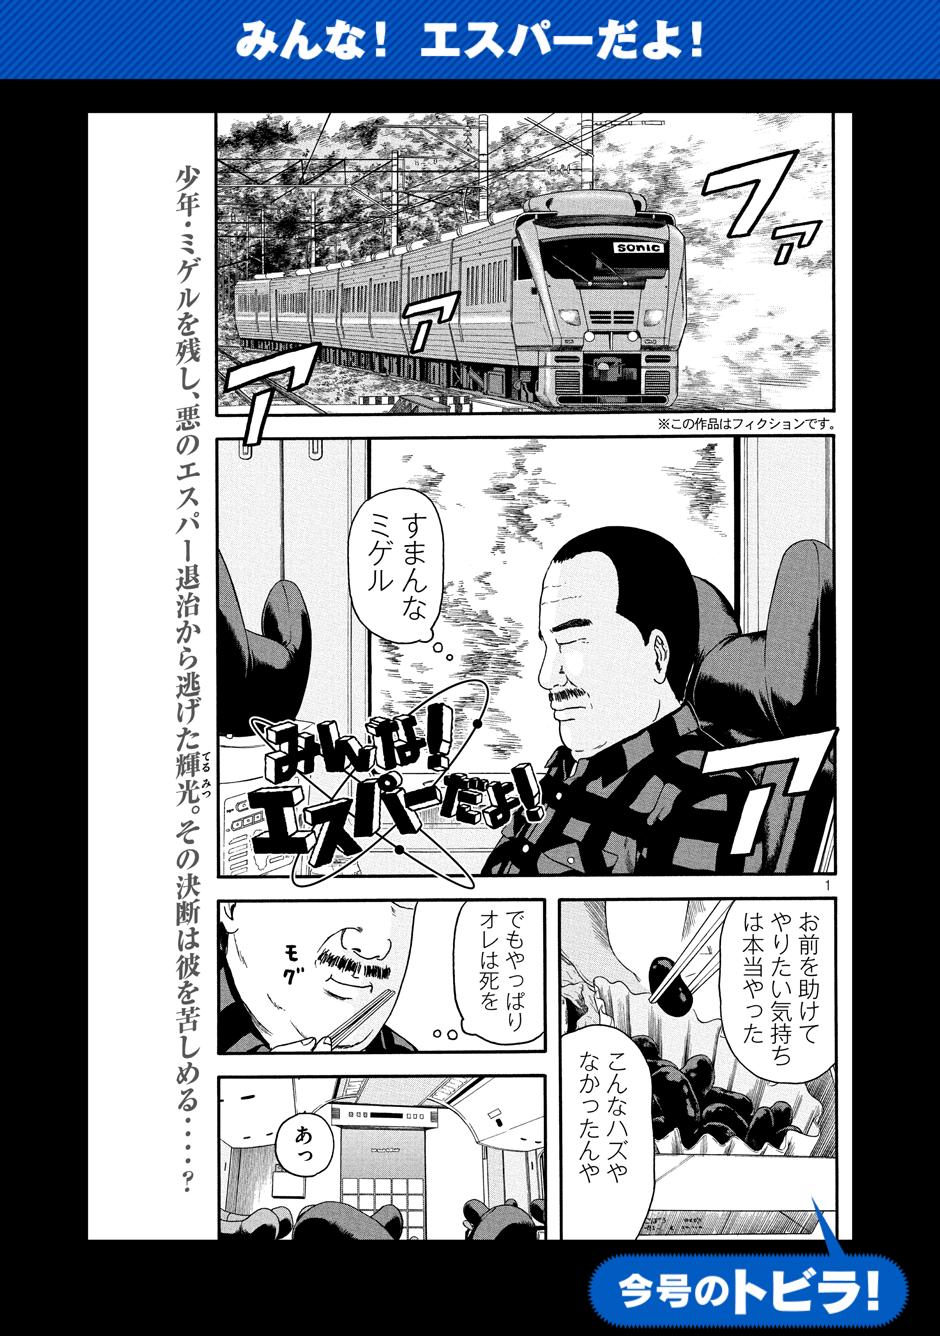 アキラ ナンバー 2 無料 漫画